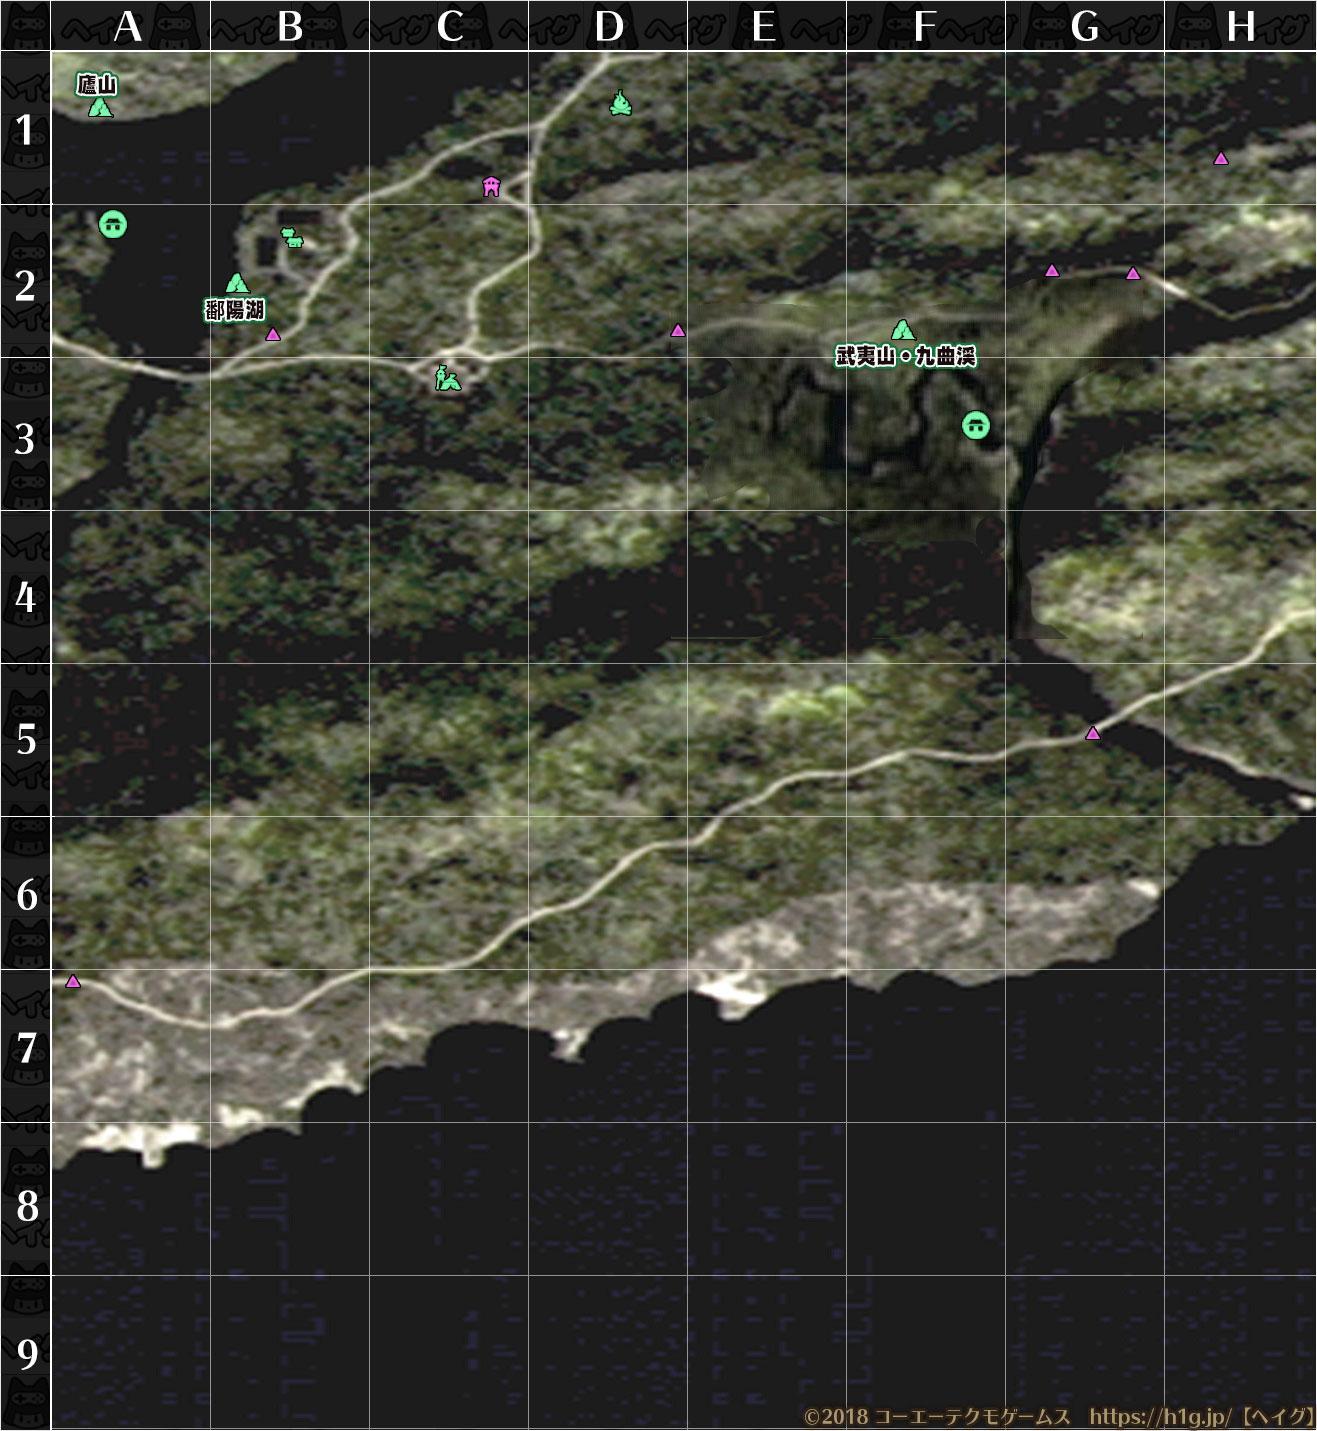 マップ詳細【23】【ヘイグ攻略まとめWiki】